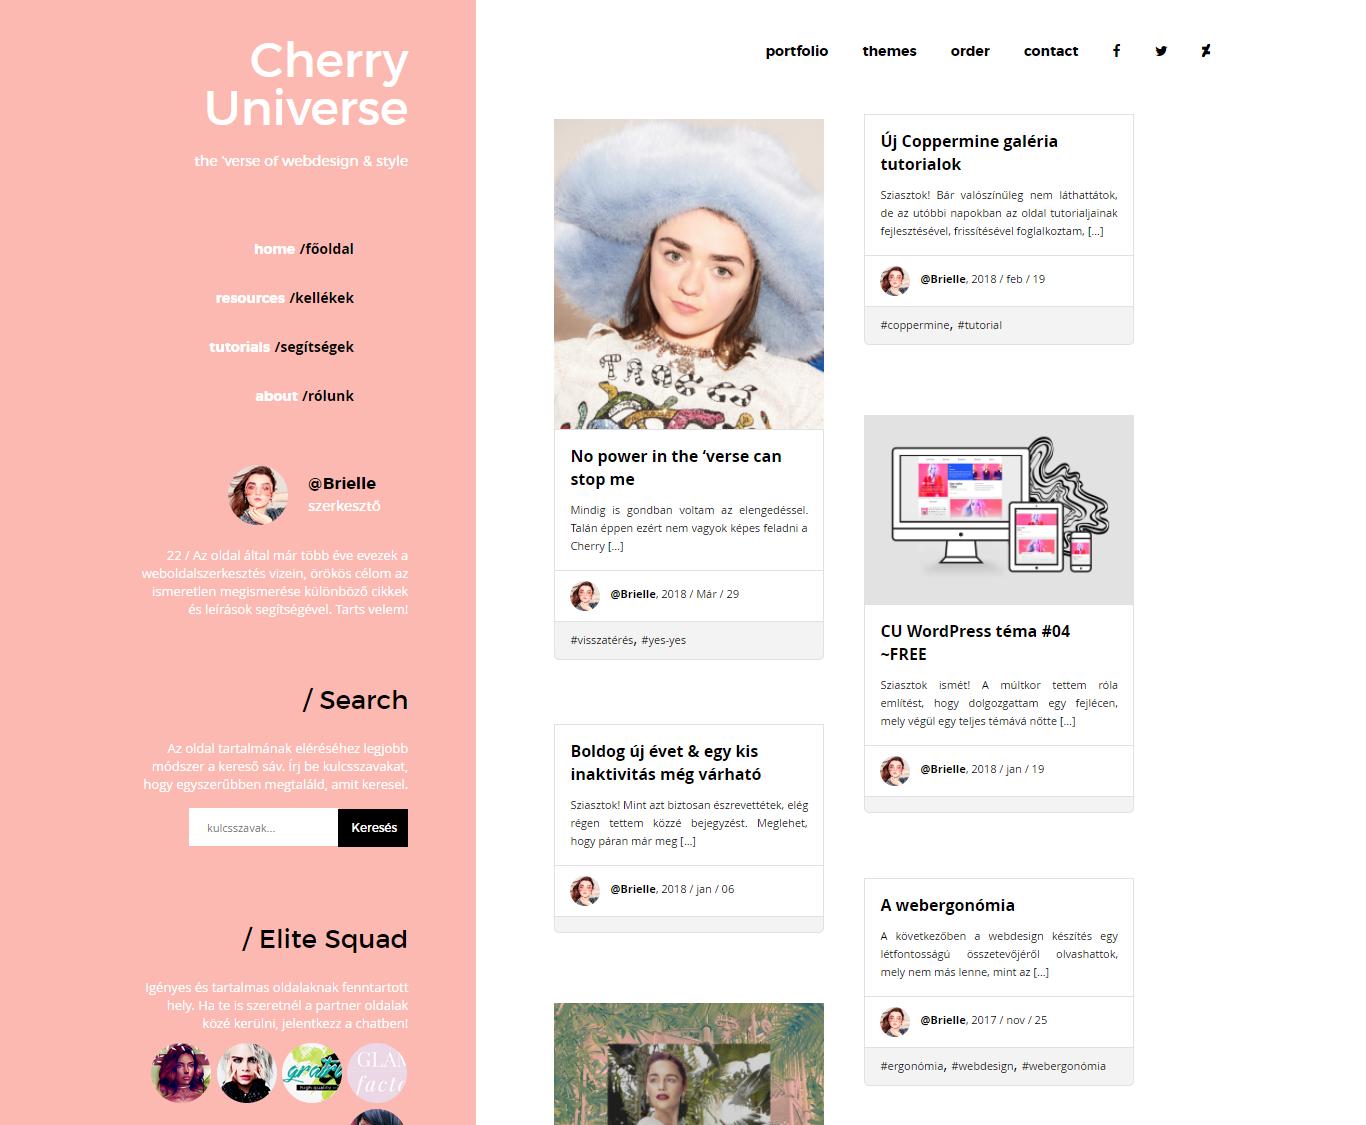 New design on CherryUniverse by BrielleFantasy